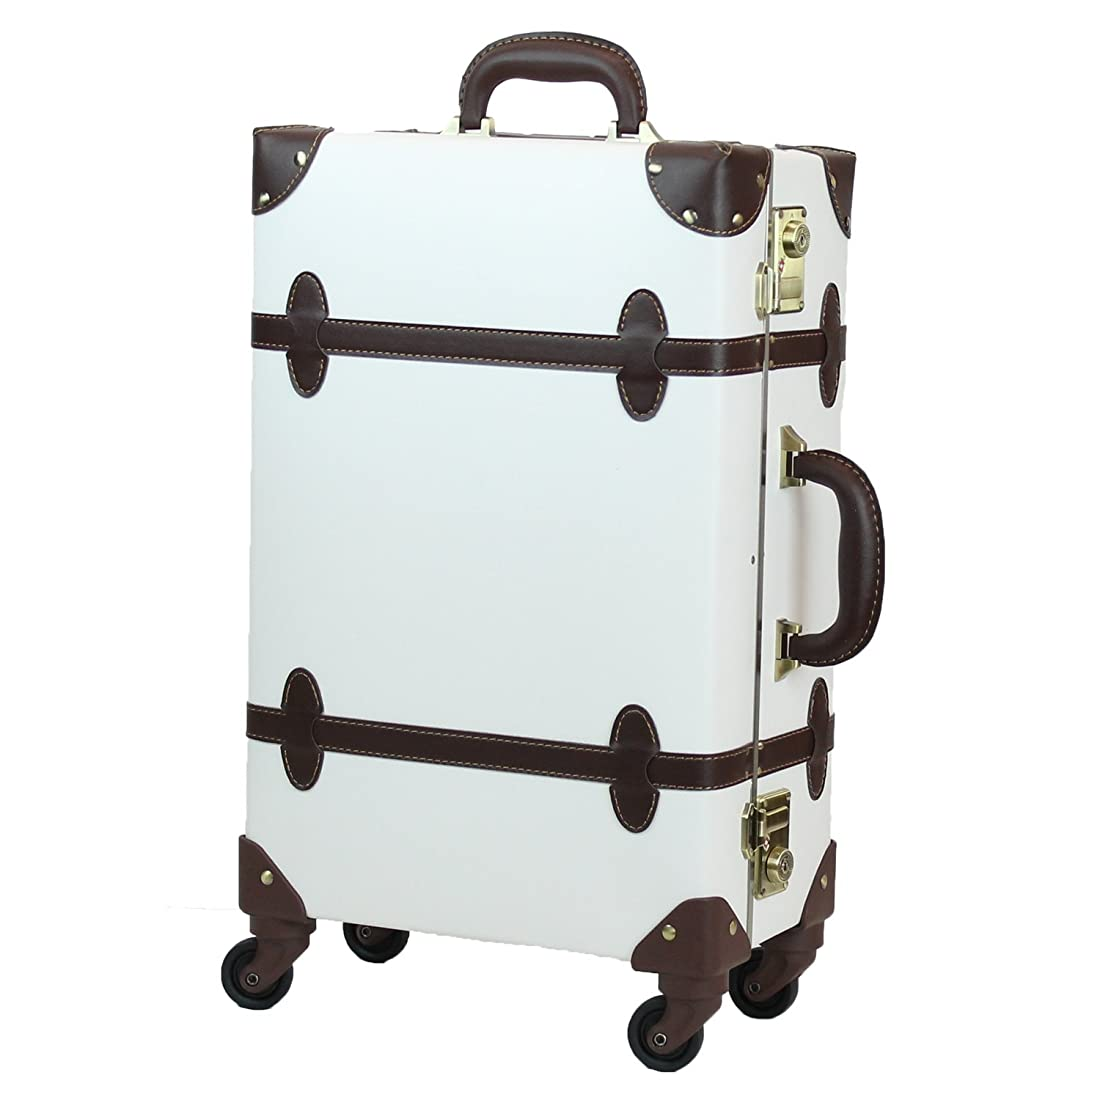 出力曲支援MOIERG(モアエルグ)キャリーバッグ キャリーケース スーツケース 軽量 修学旅行 16色3サイズ